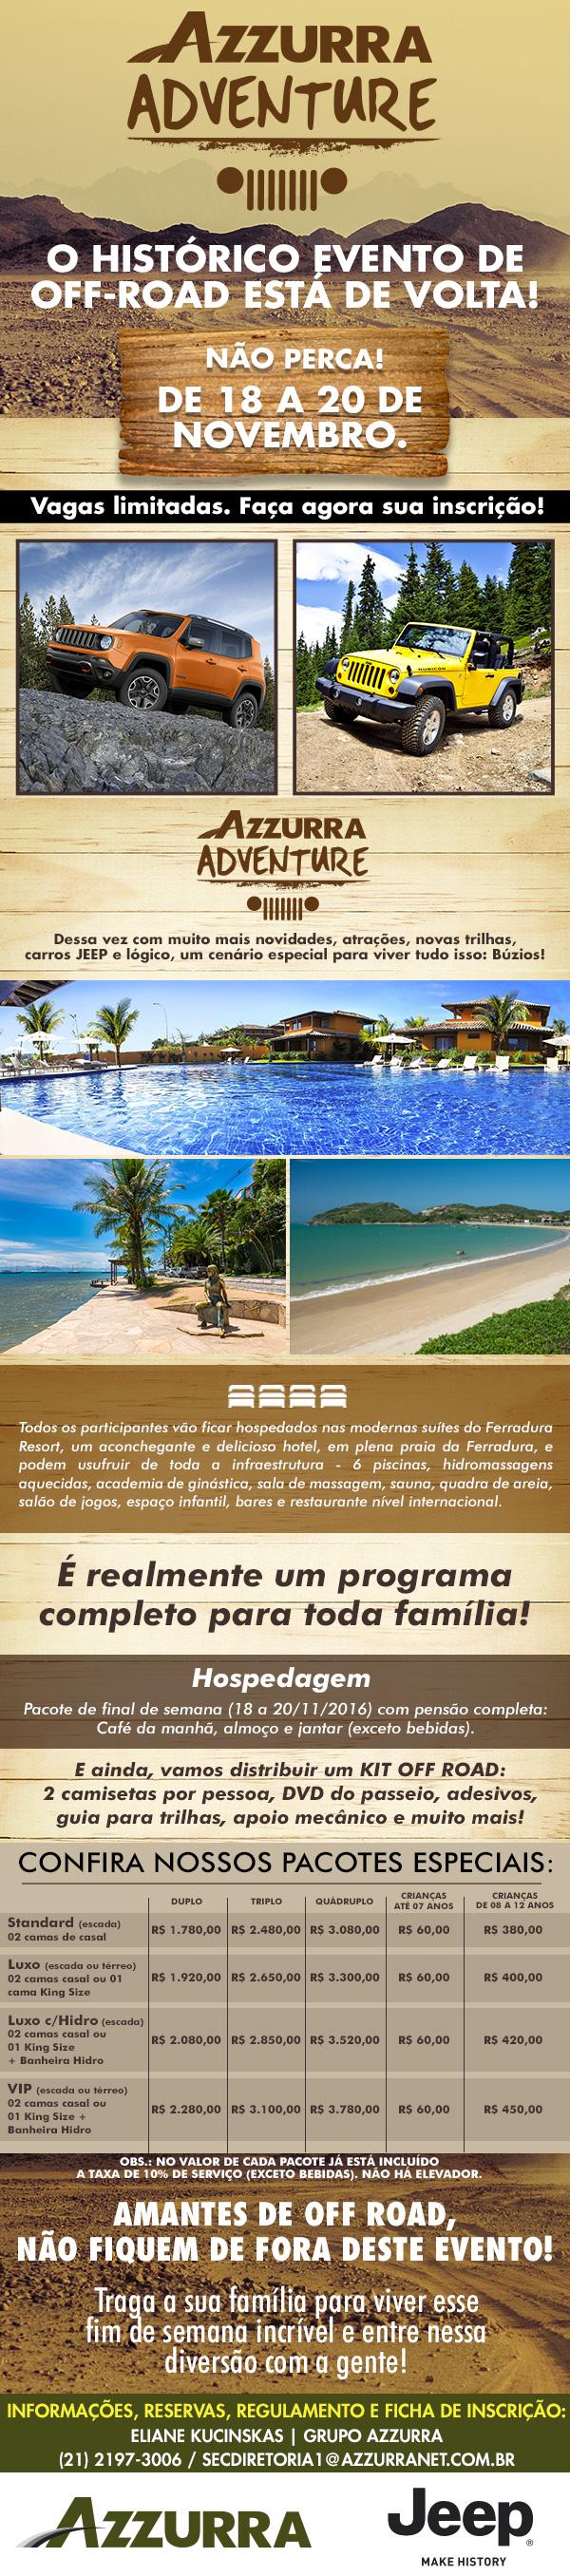 AZZURRA ADVENTURE - RIO DE JANEIRO - 18/20 NOVEMBRO Mmkt_azzurra_adventure_2016_ok